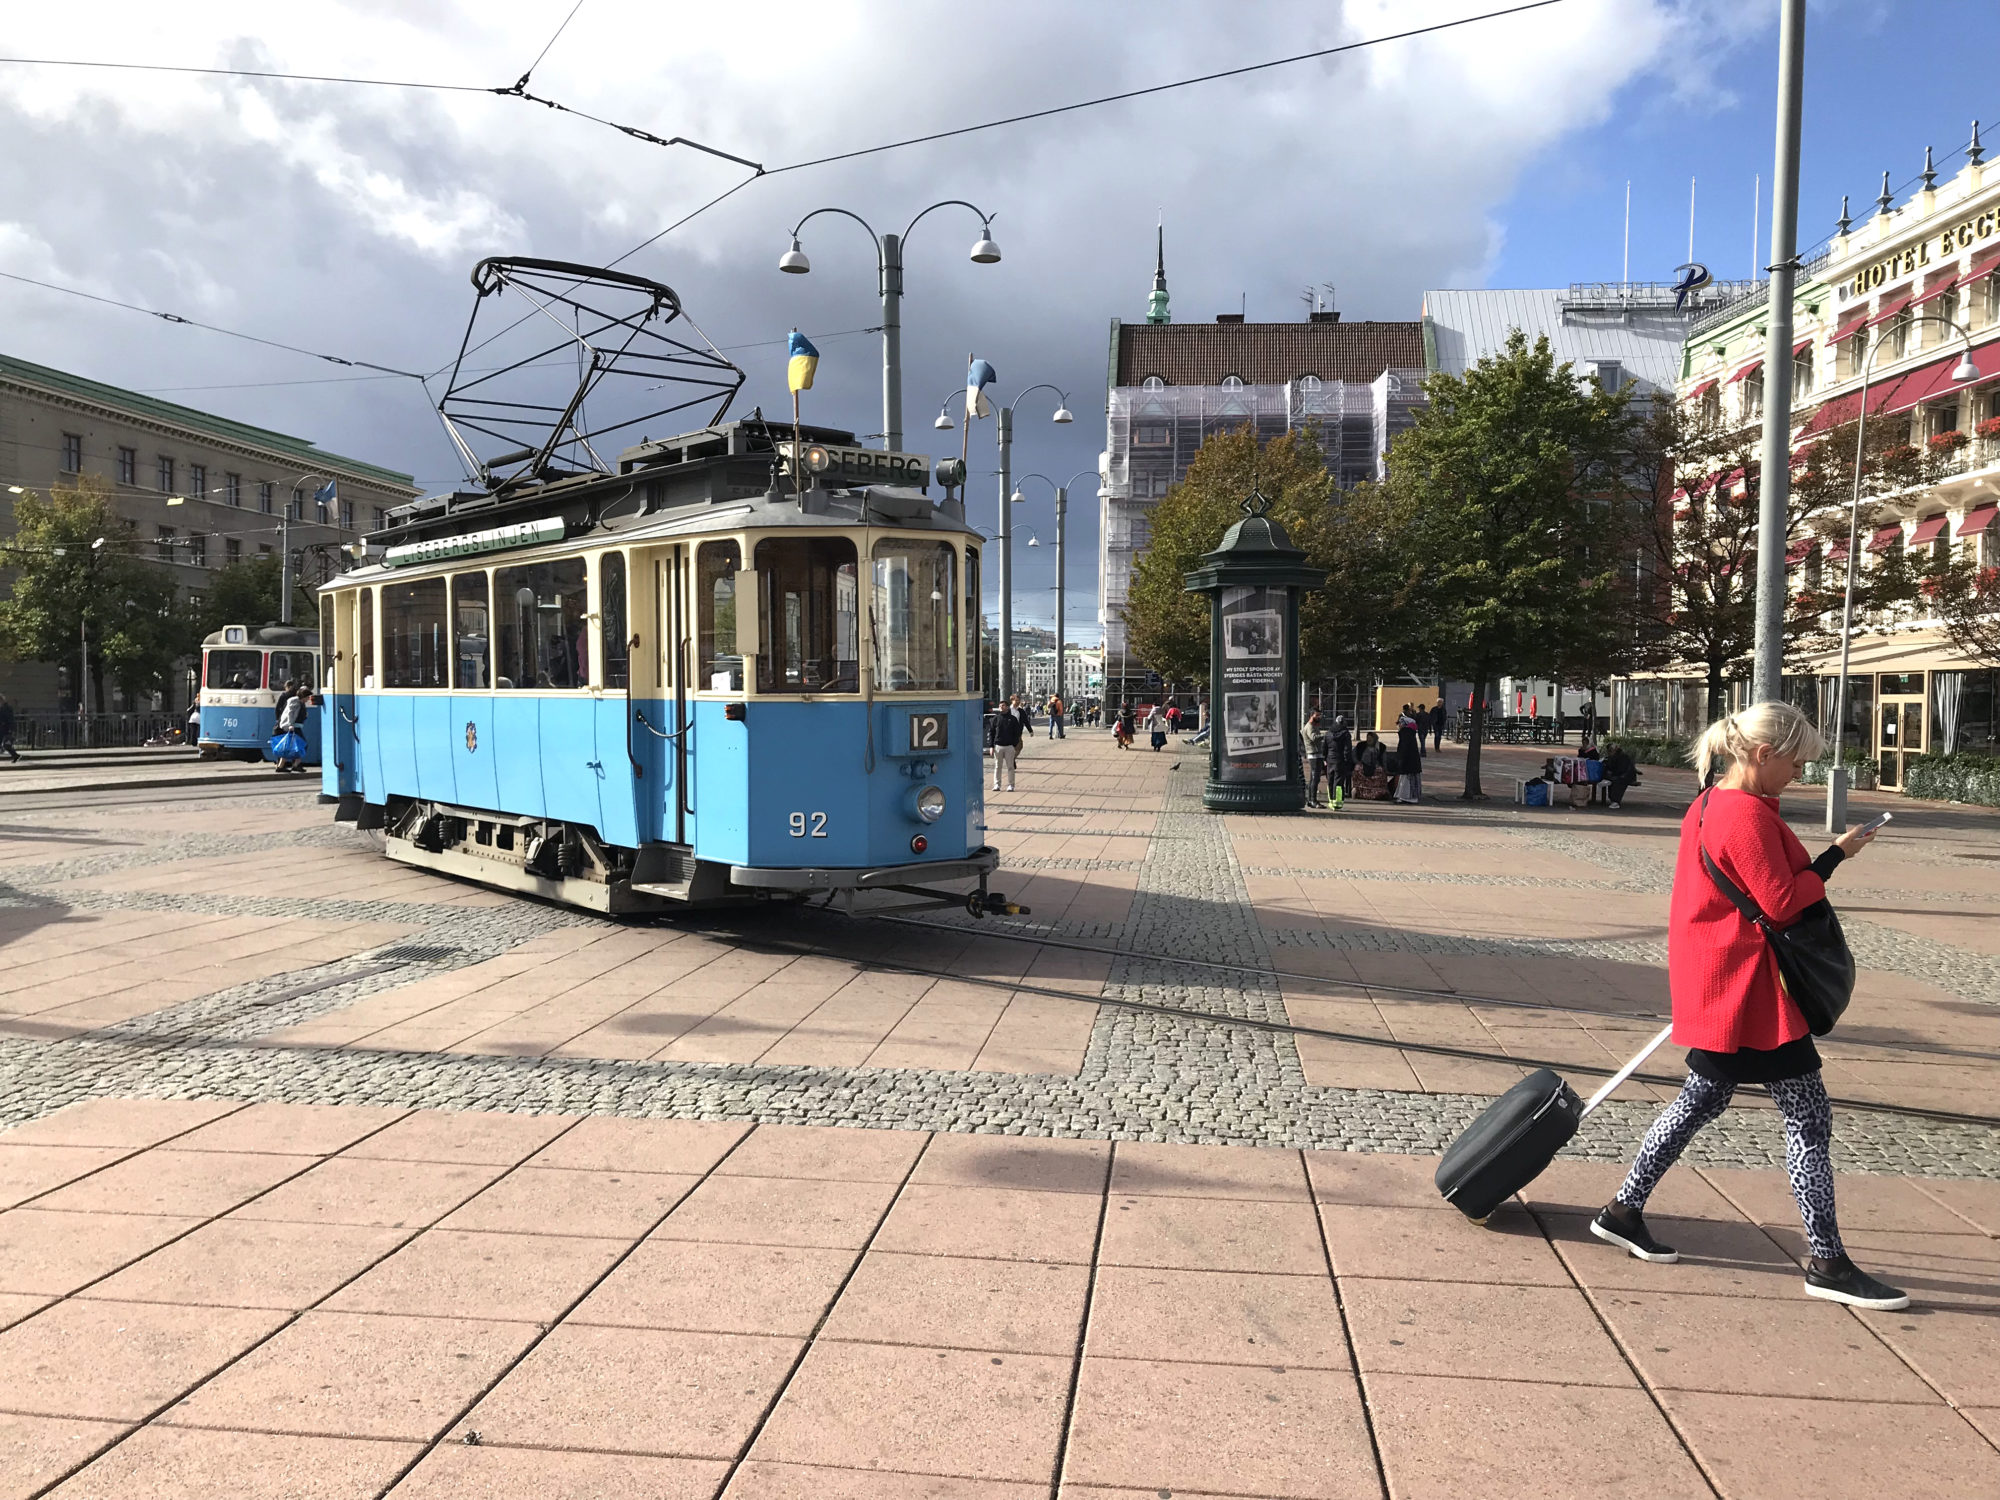 Ikonisk. Lisebergslinjen går stadig i rute fra sentrum til den populære fornøyelsesparken. Foto: Fjord Line